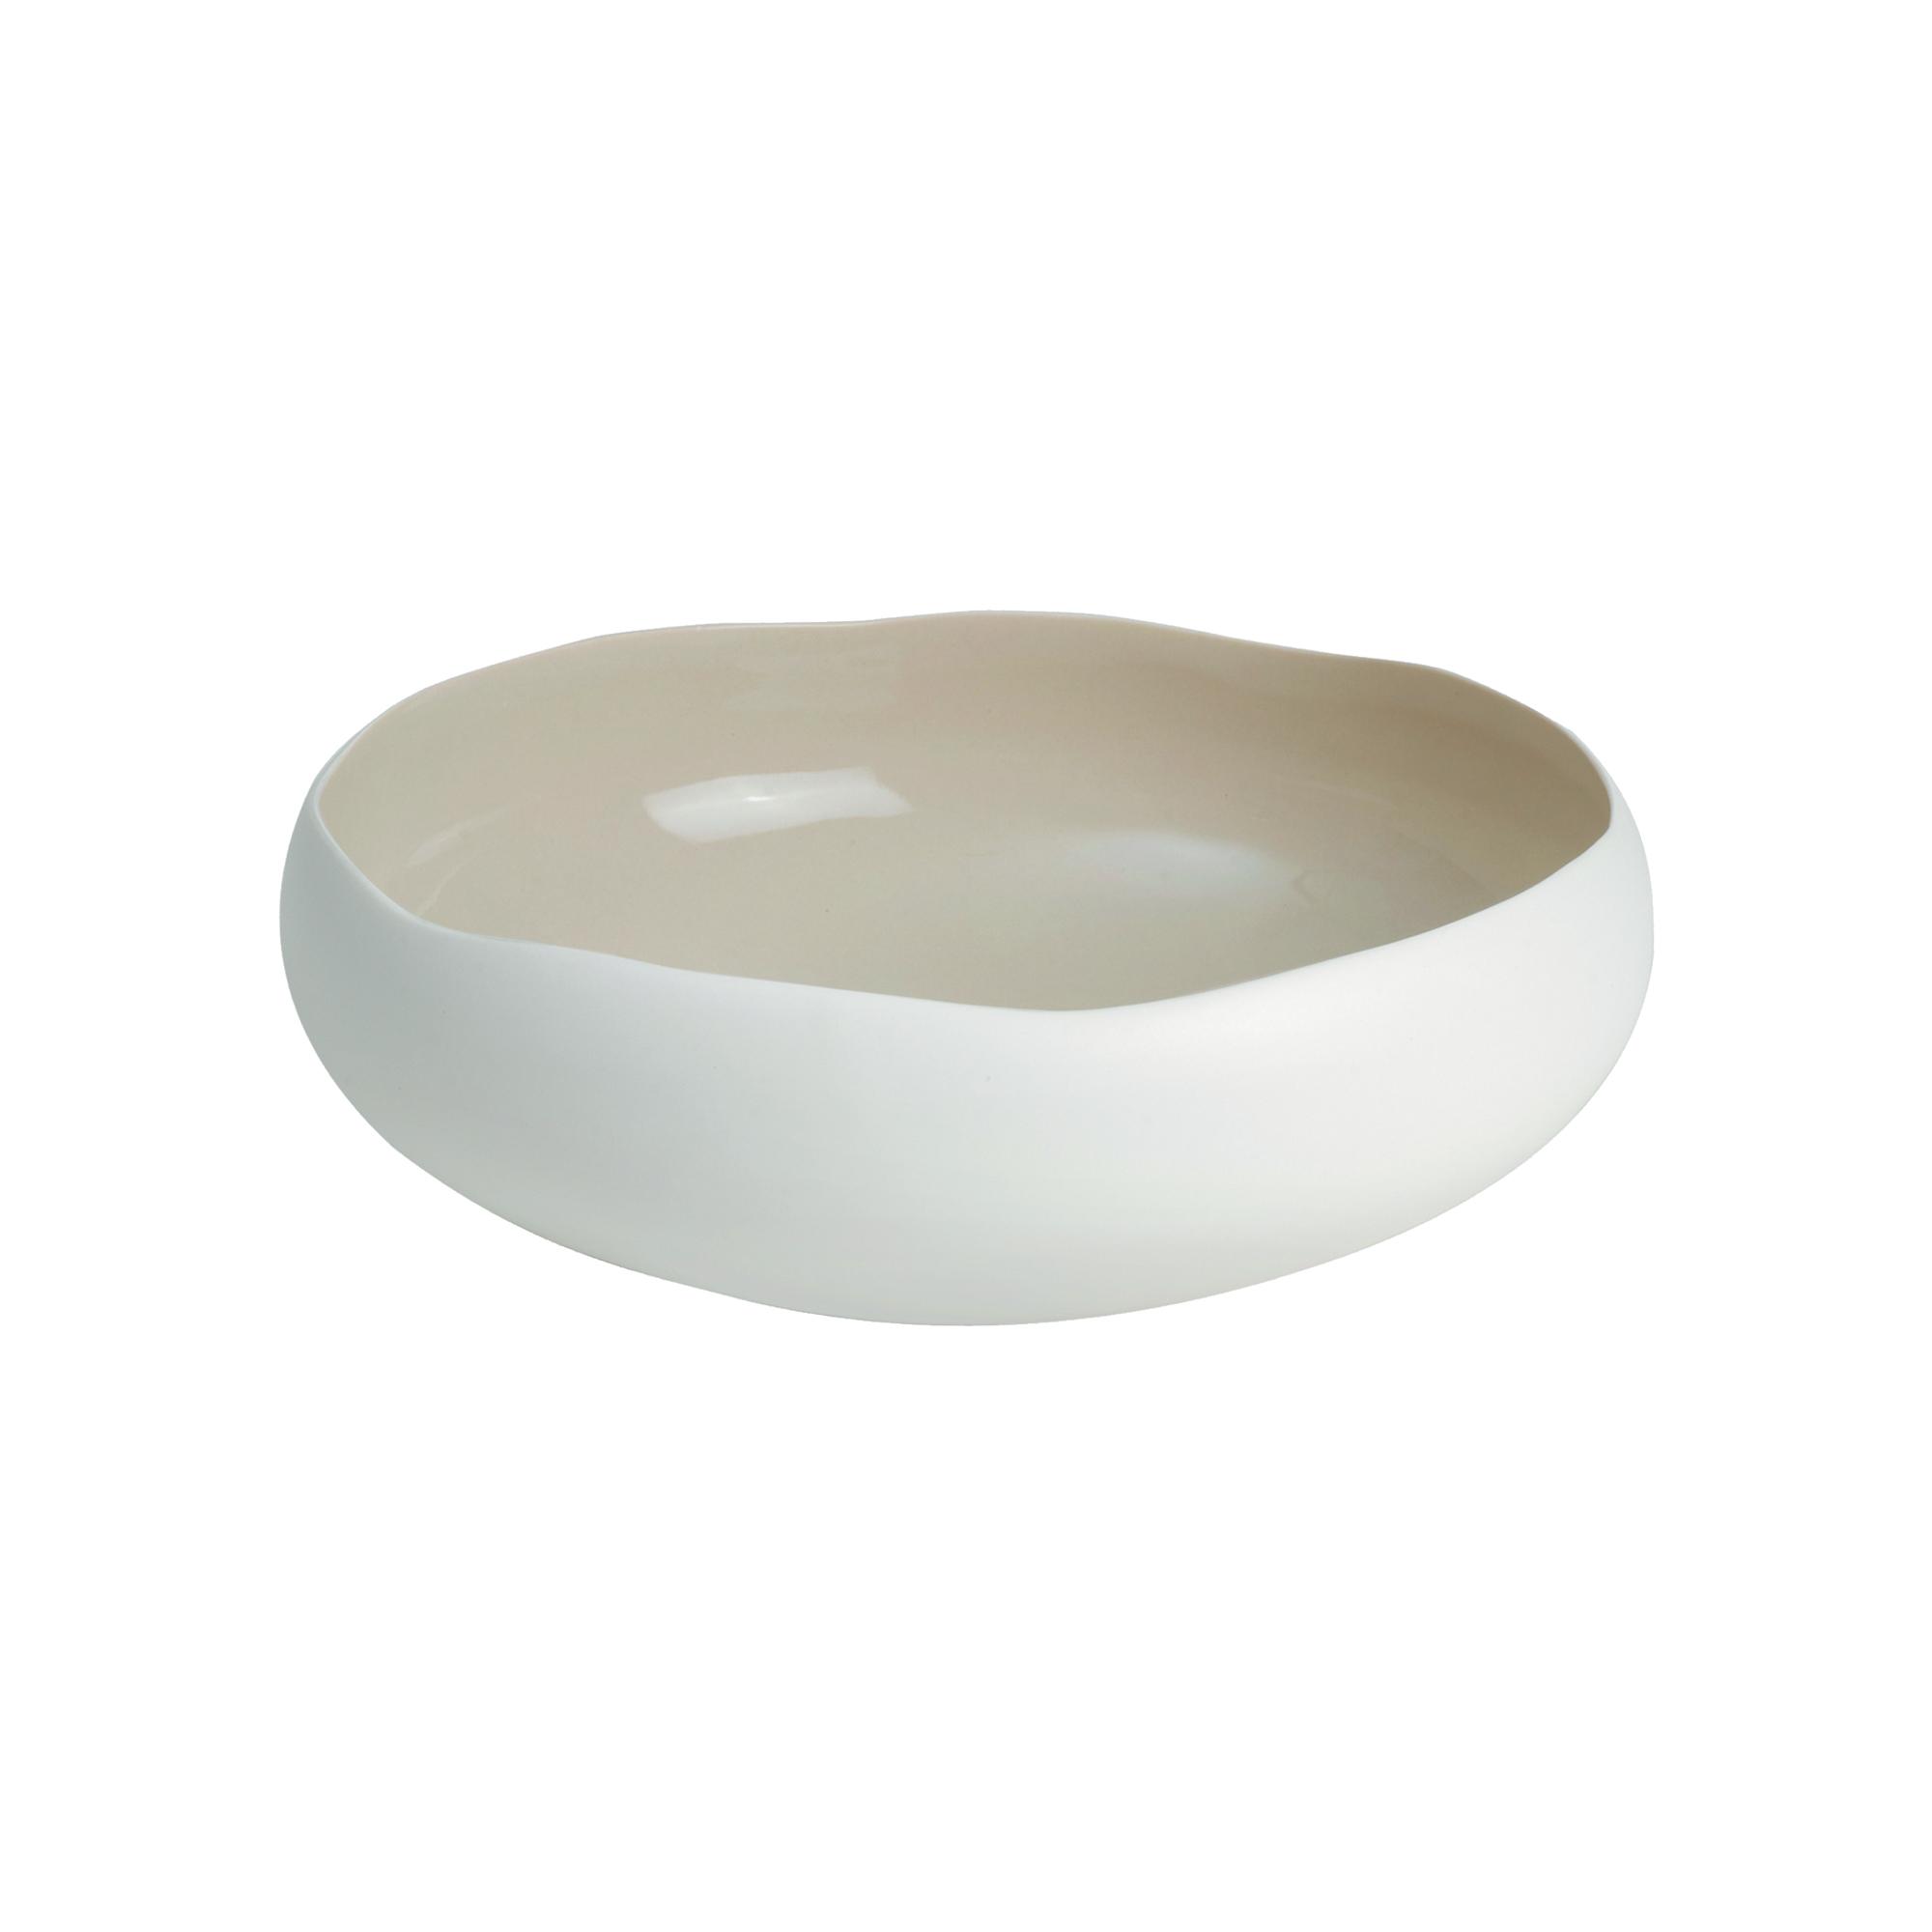 Coupe en grès de table beige 22 cm